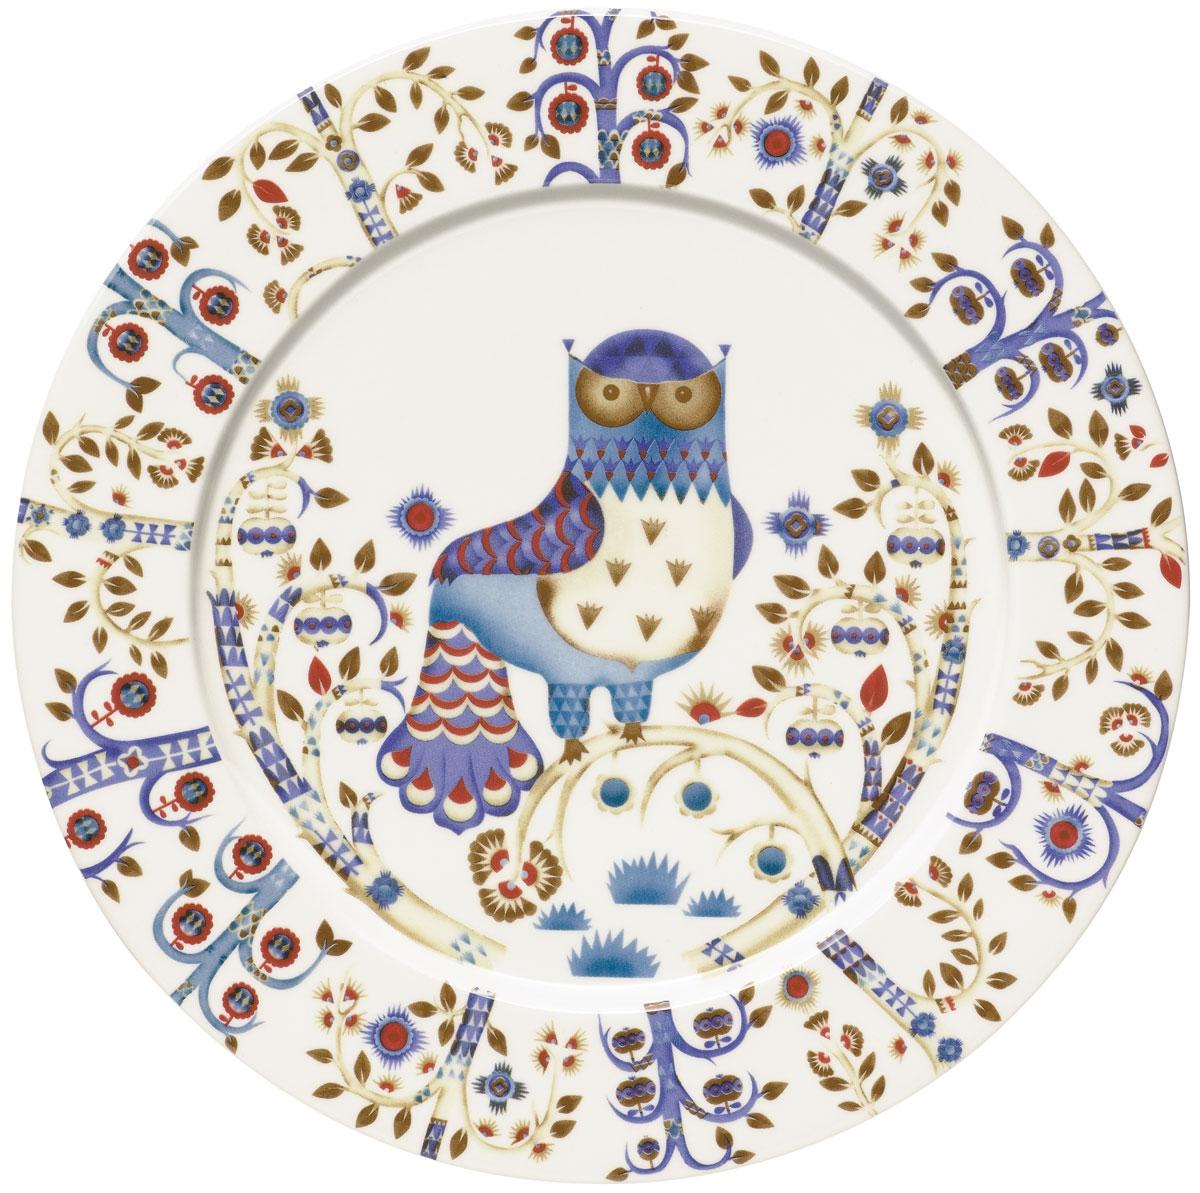 Тарелка Iittala Taika, цвет: белый, диаметр 30 см iittala тарелка taika